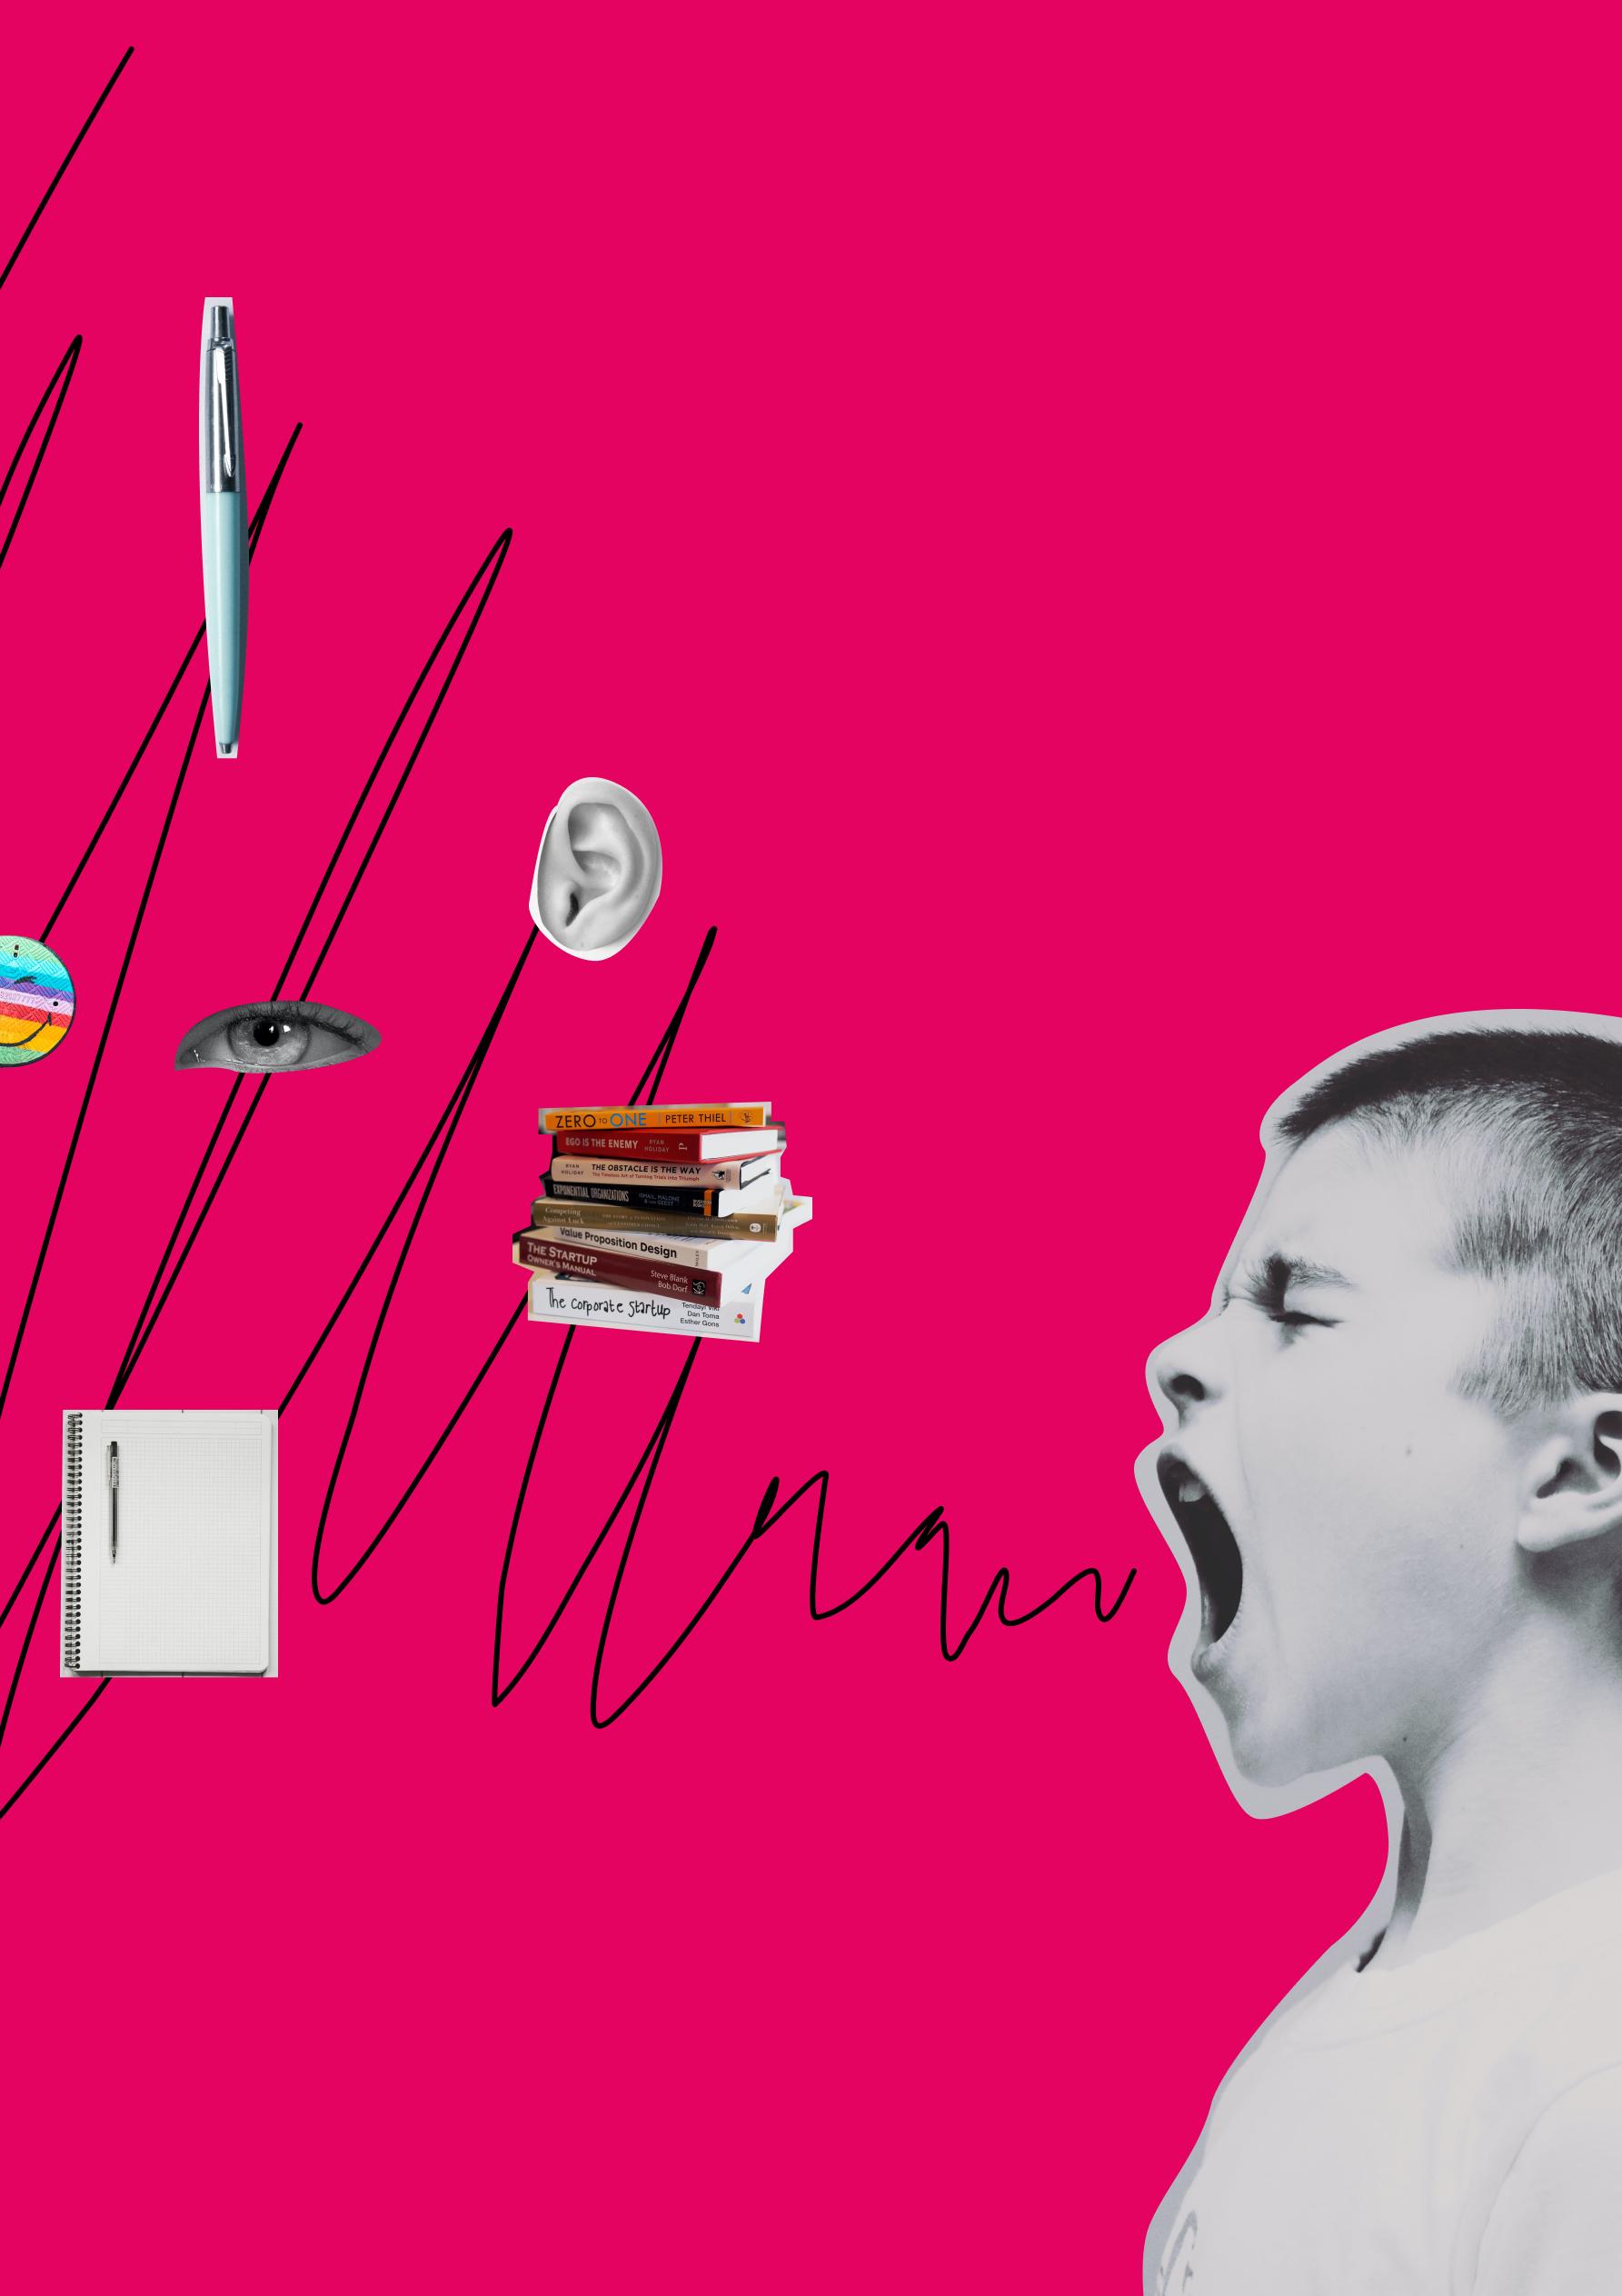 Schreiender Junge welchem Büromaterialien und Körperteile aus dem Mund fliegen